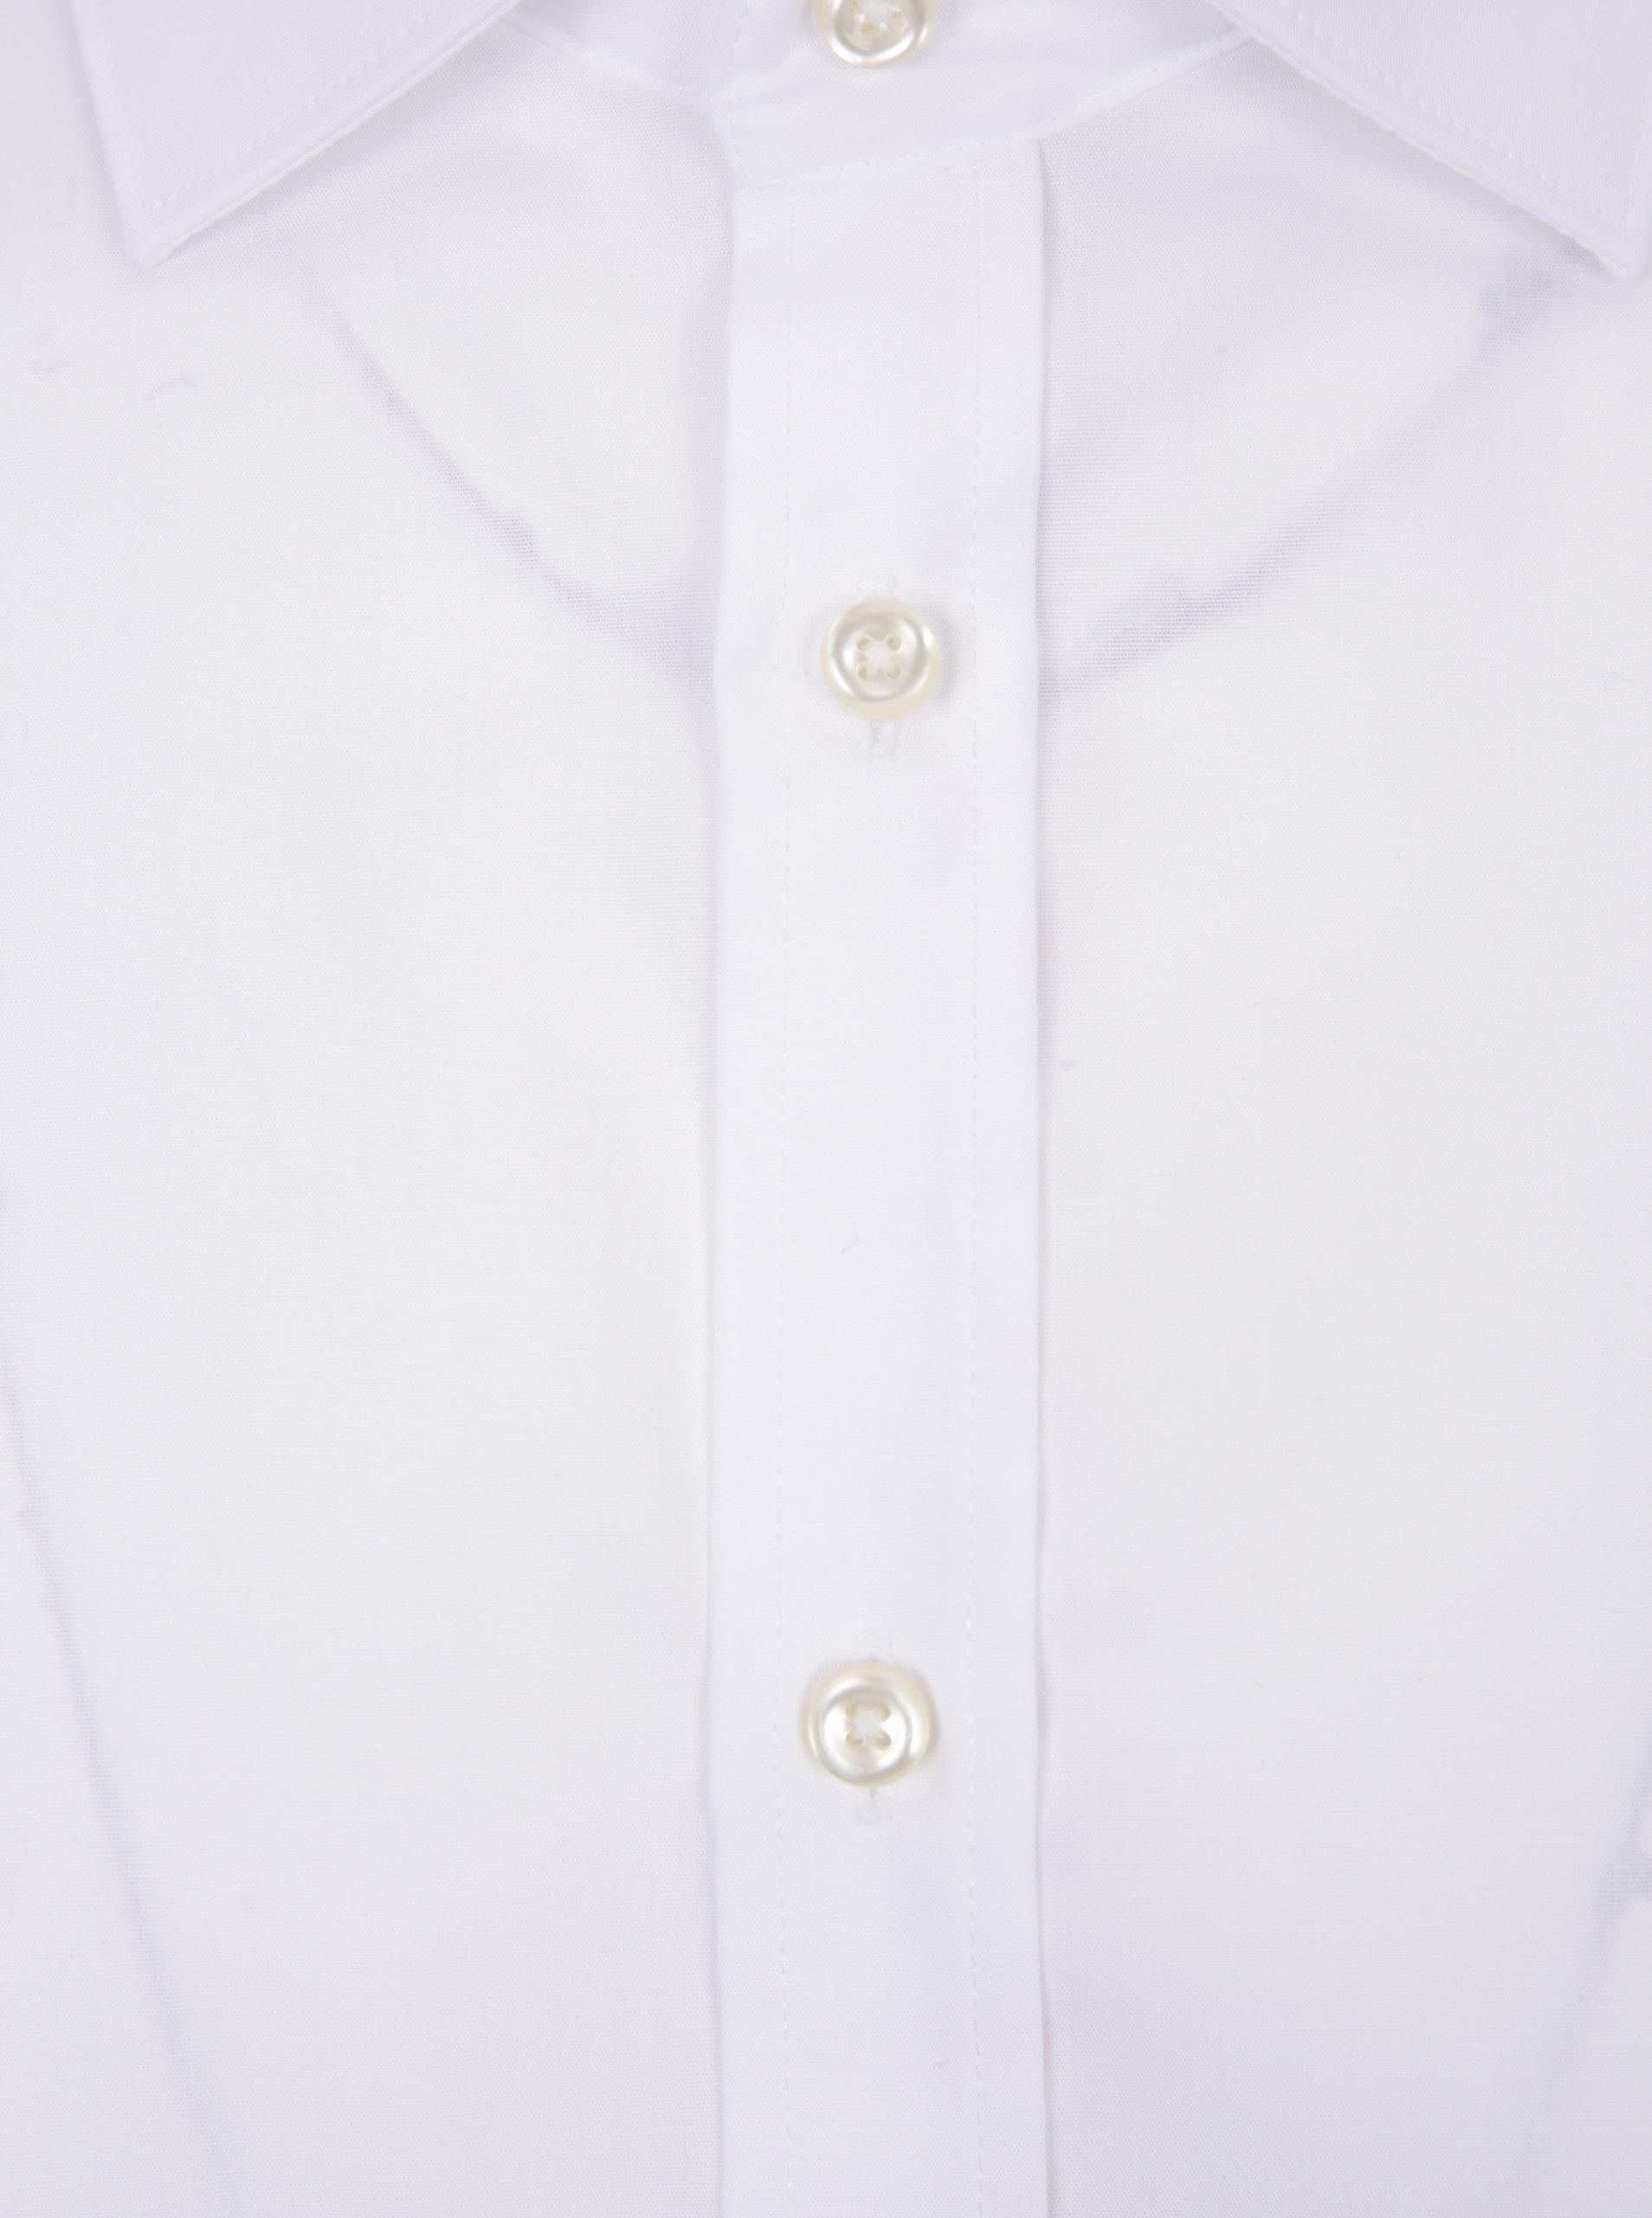 b6184123ab26 Biela pánska formálna slim fit košeľa STEVULA ...